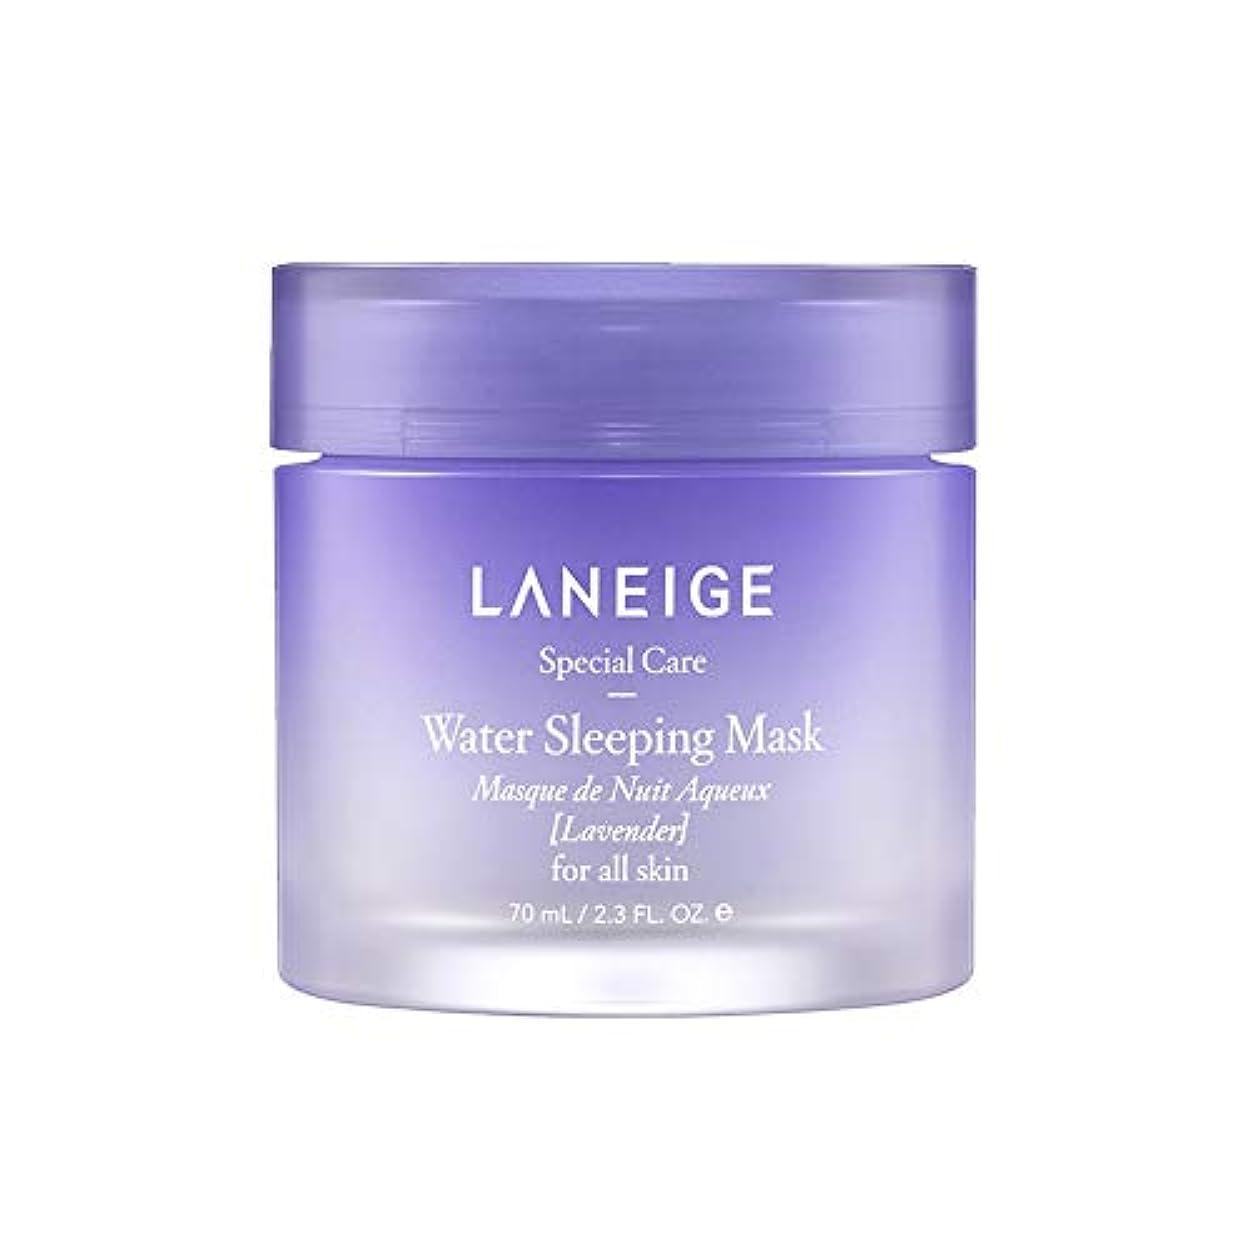 軍隊宿題数学者Water Sleeping Mask [Lavender] 70ml/ウォーター スリーピング マスク [ラベンダー] 70ml